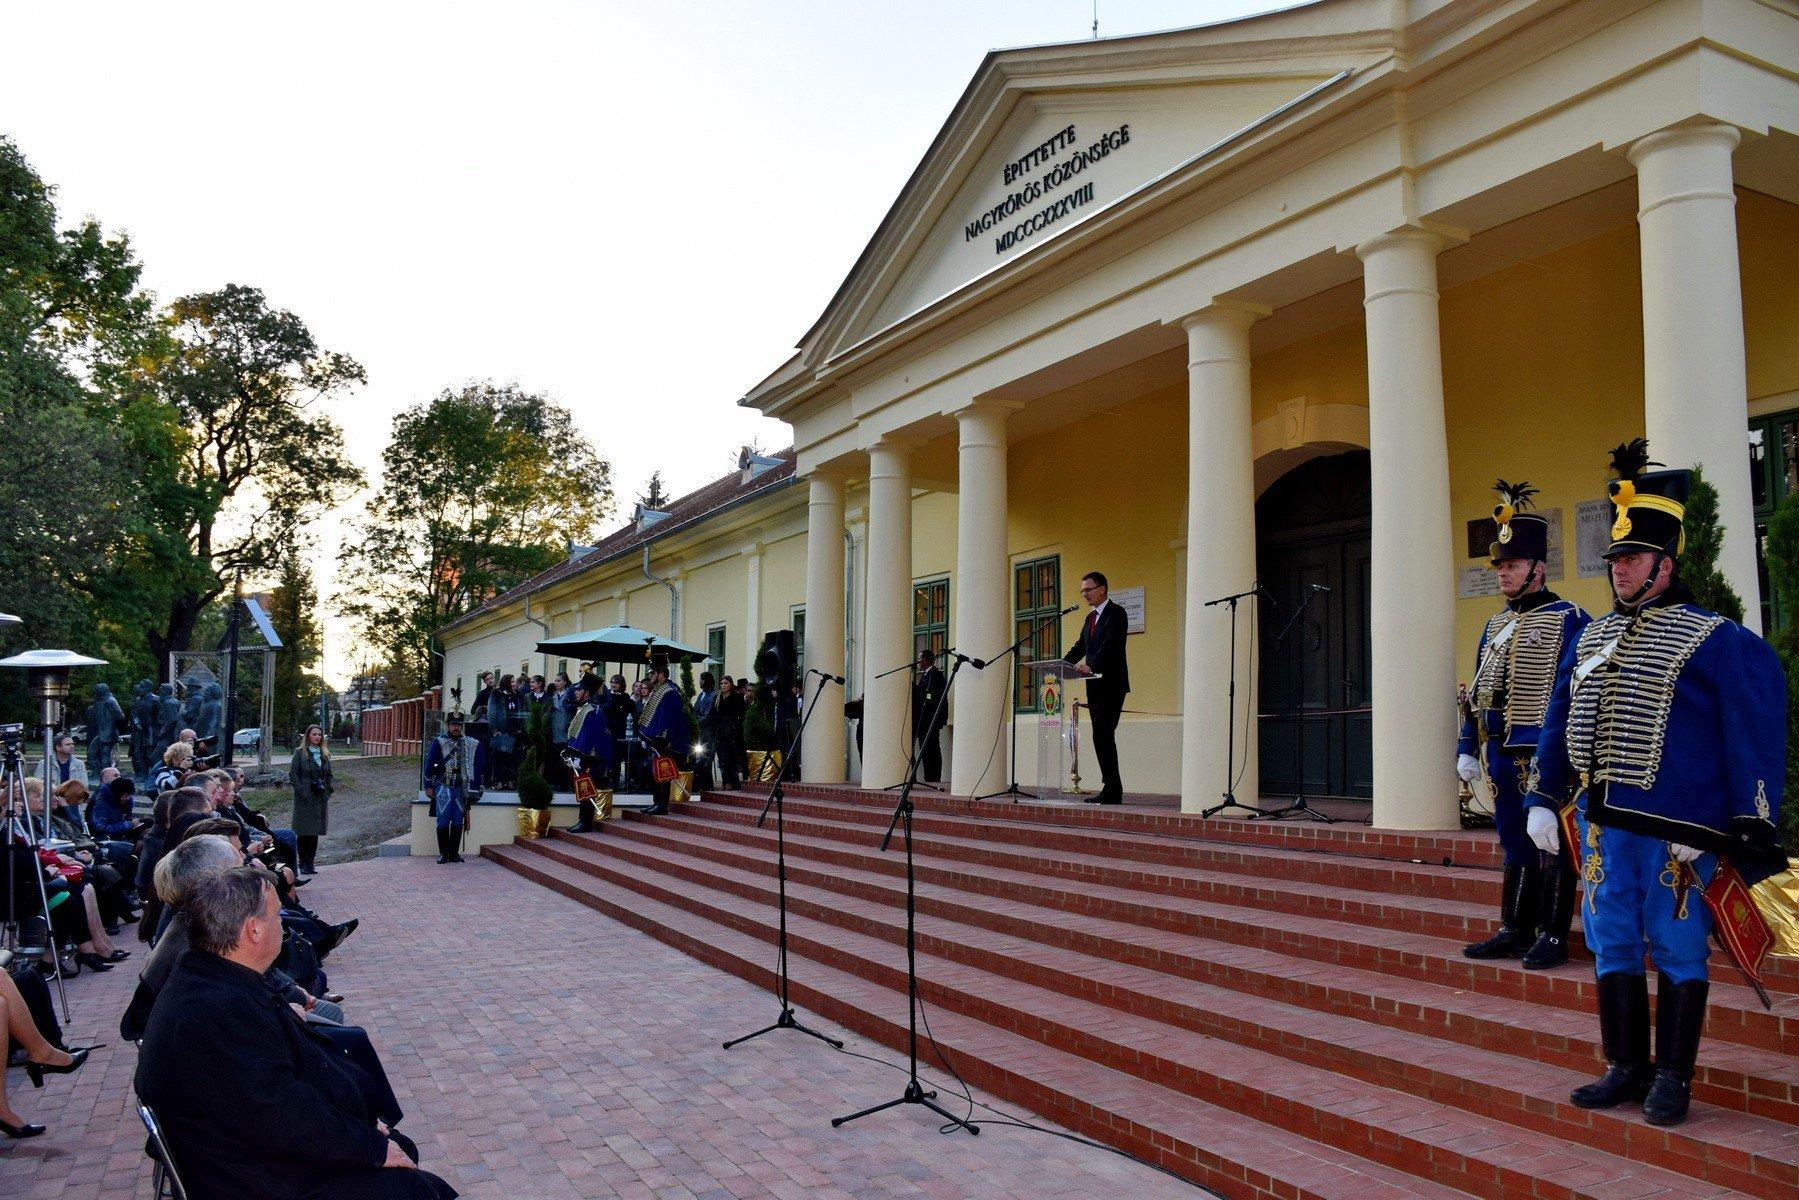 Hazánk egyik legmodernebb múzeumává vált az Arany János nevét viselő intézmény